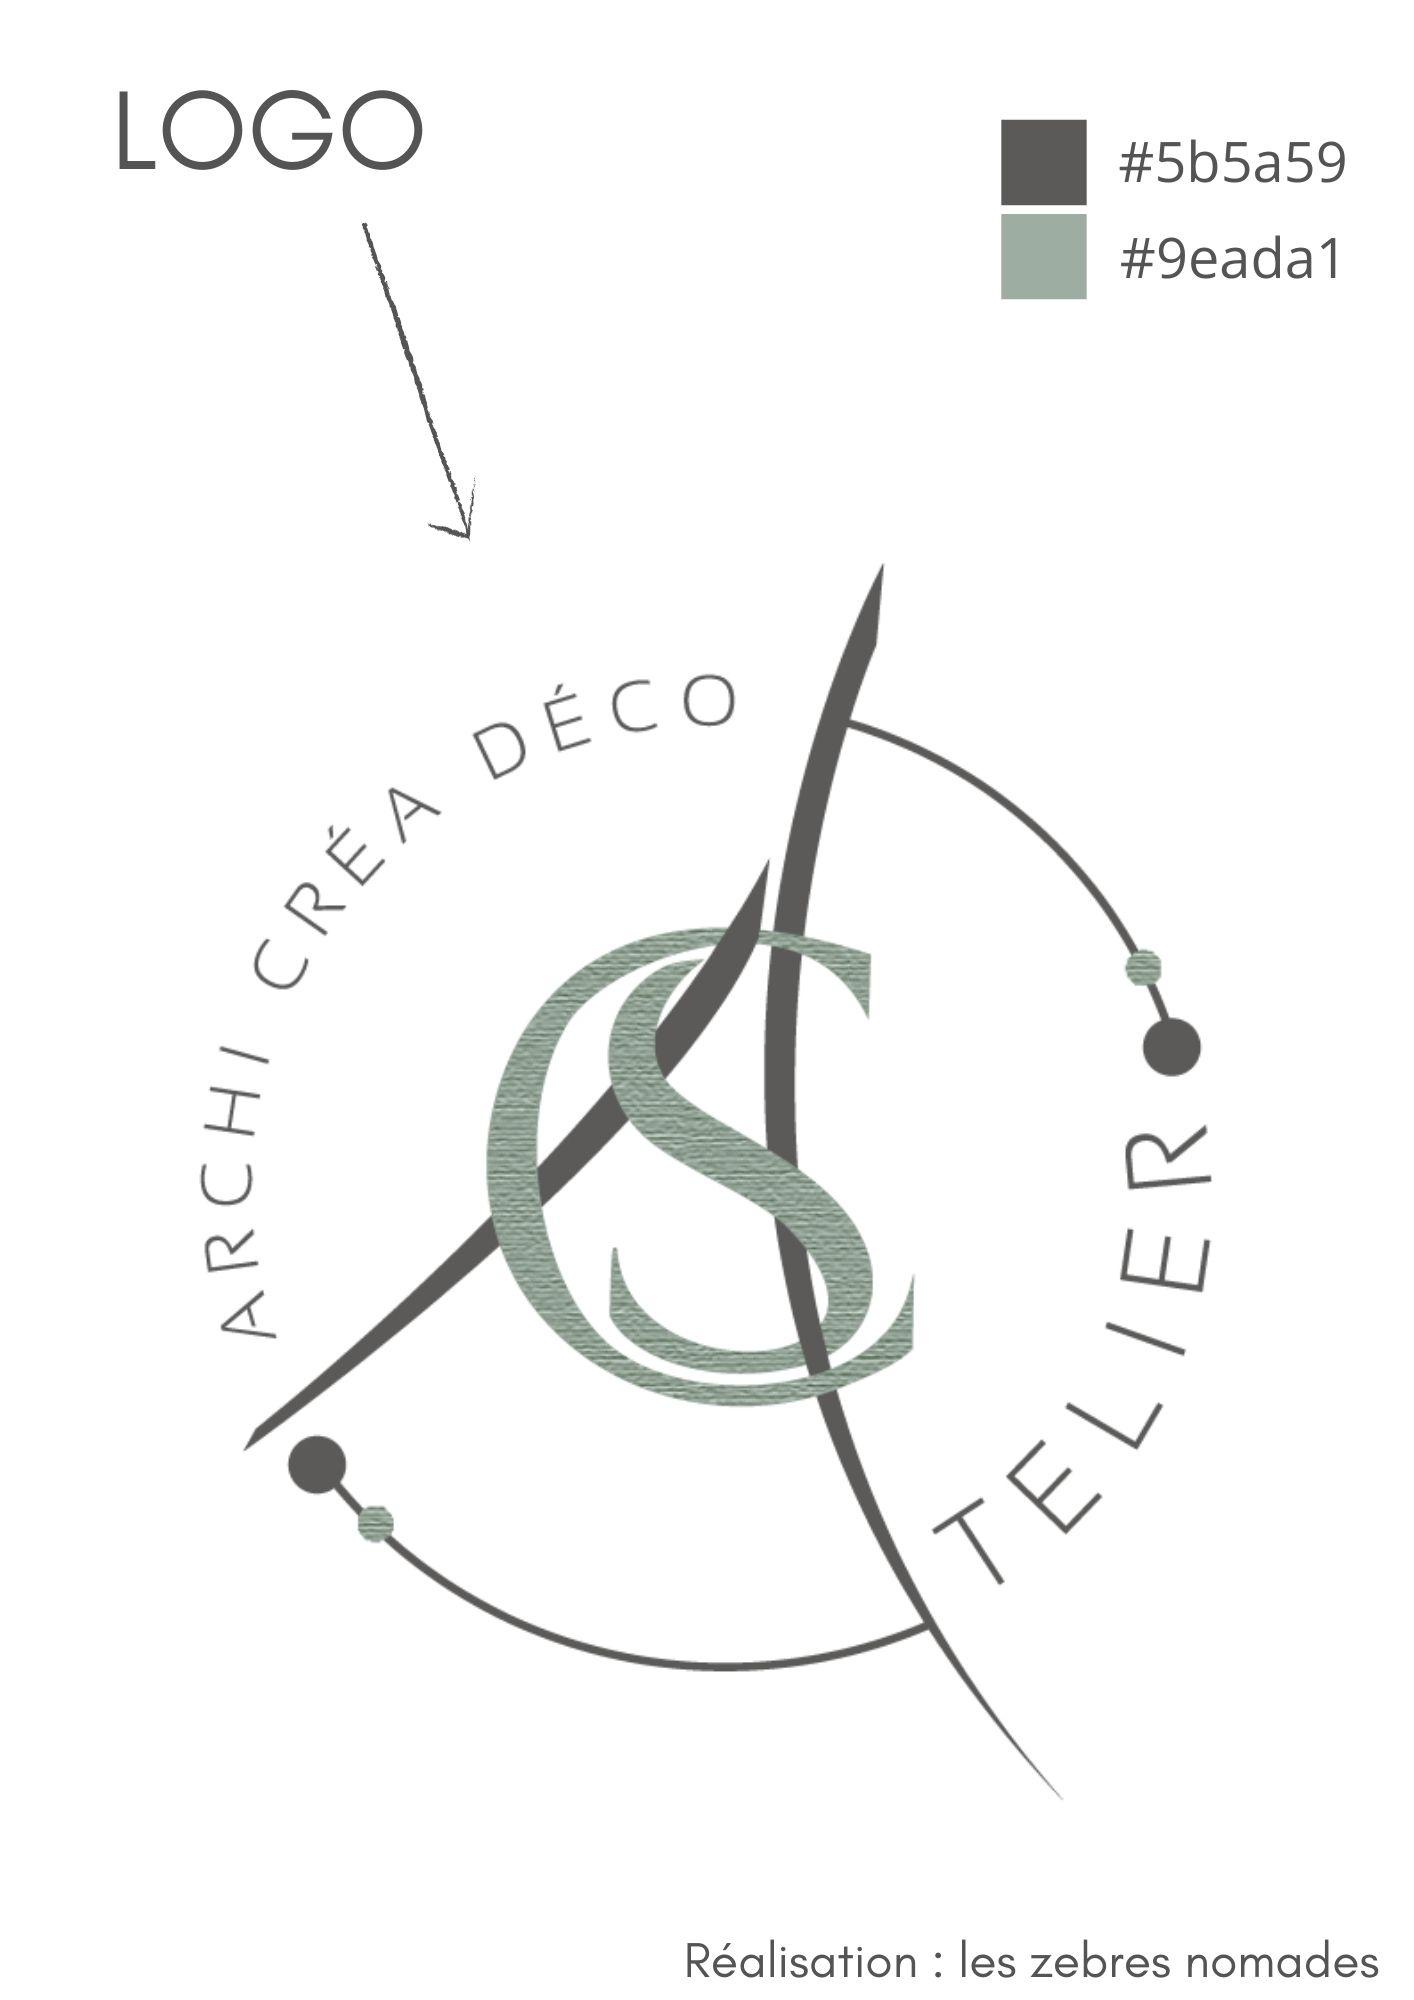 Logo Atelier créer par les zebres nomades